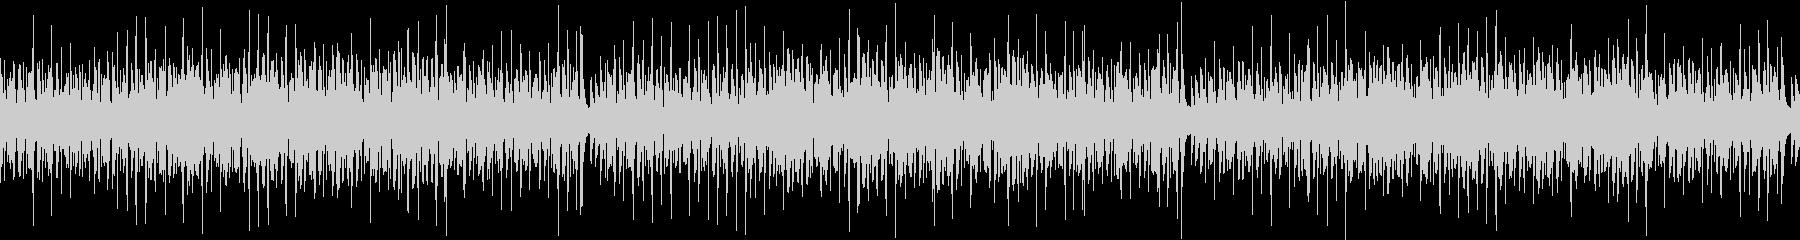 ウクレレと鉄琴のコミカルな BGMの未再生の波形